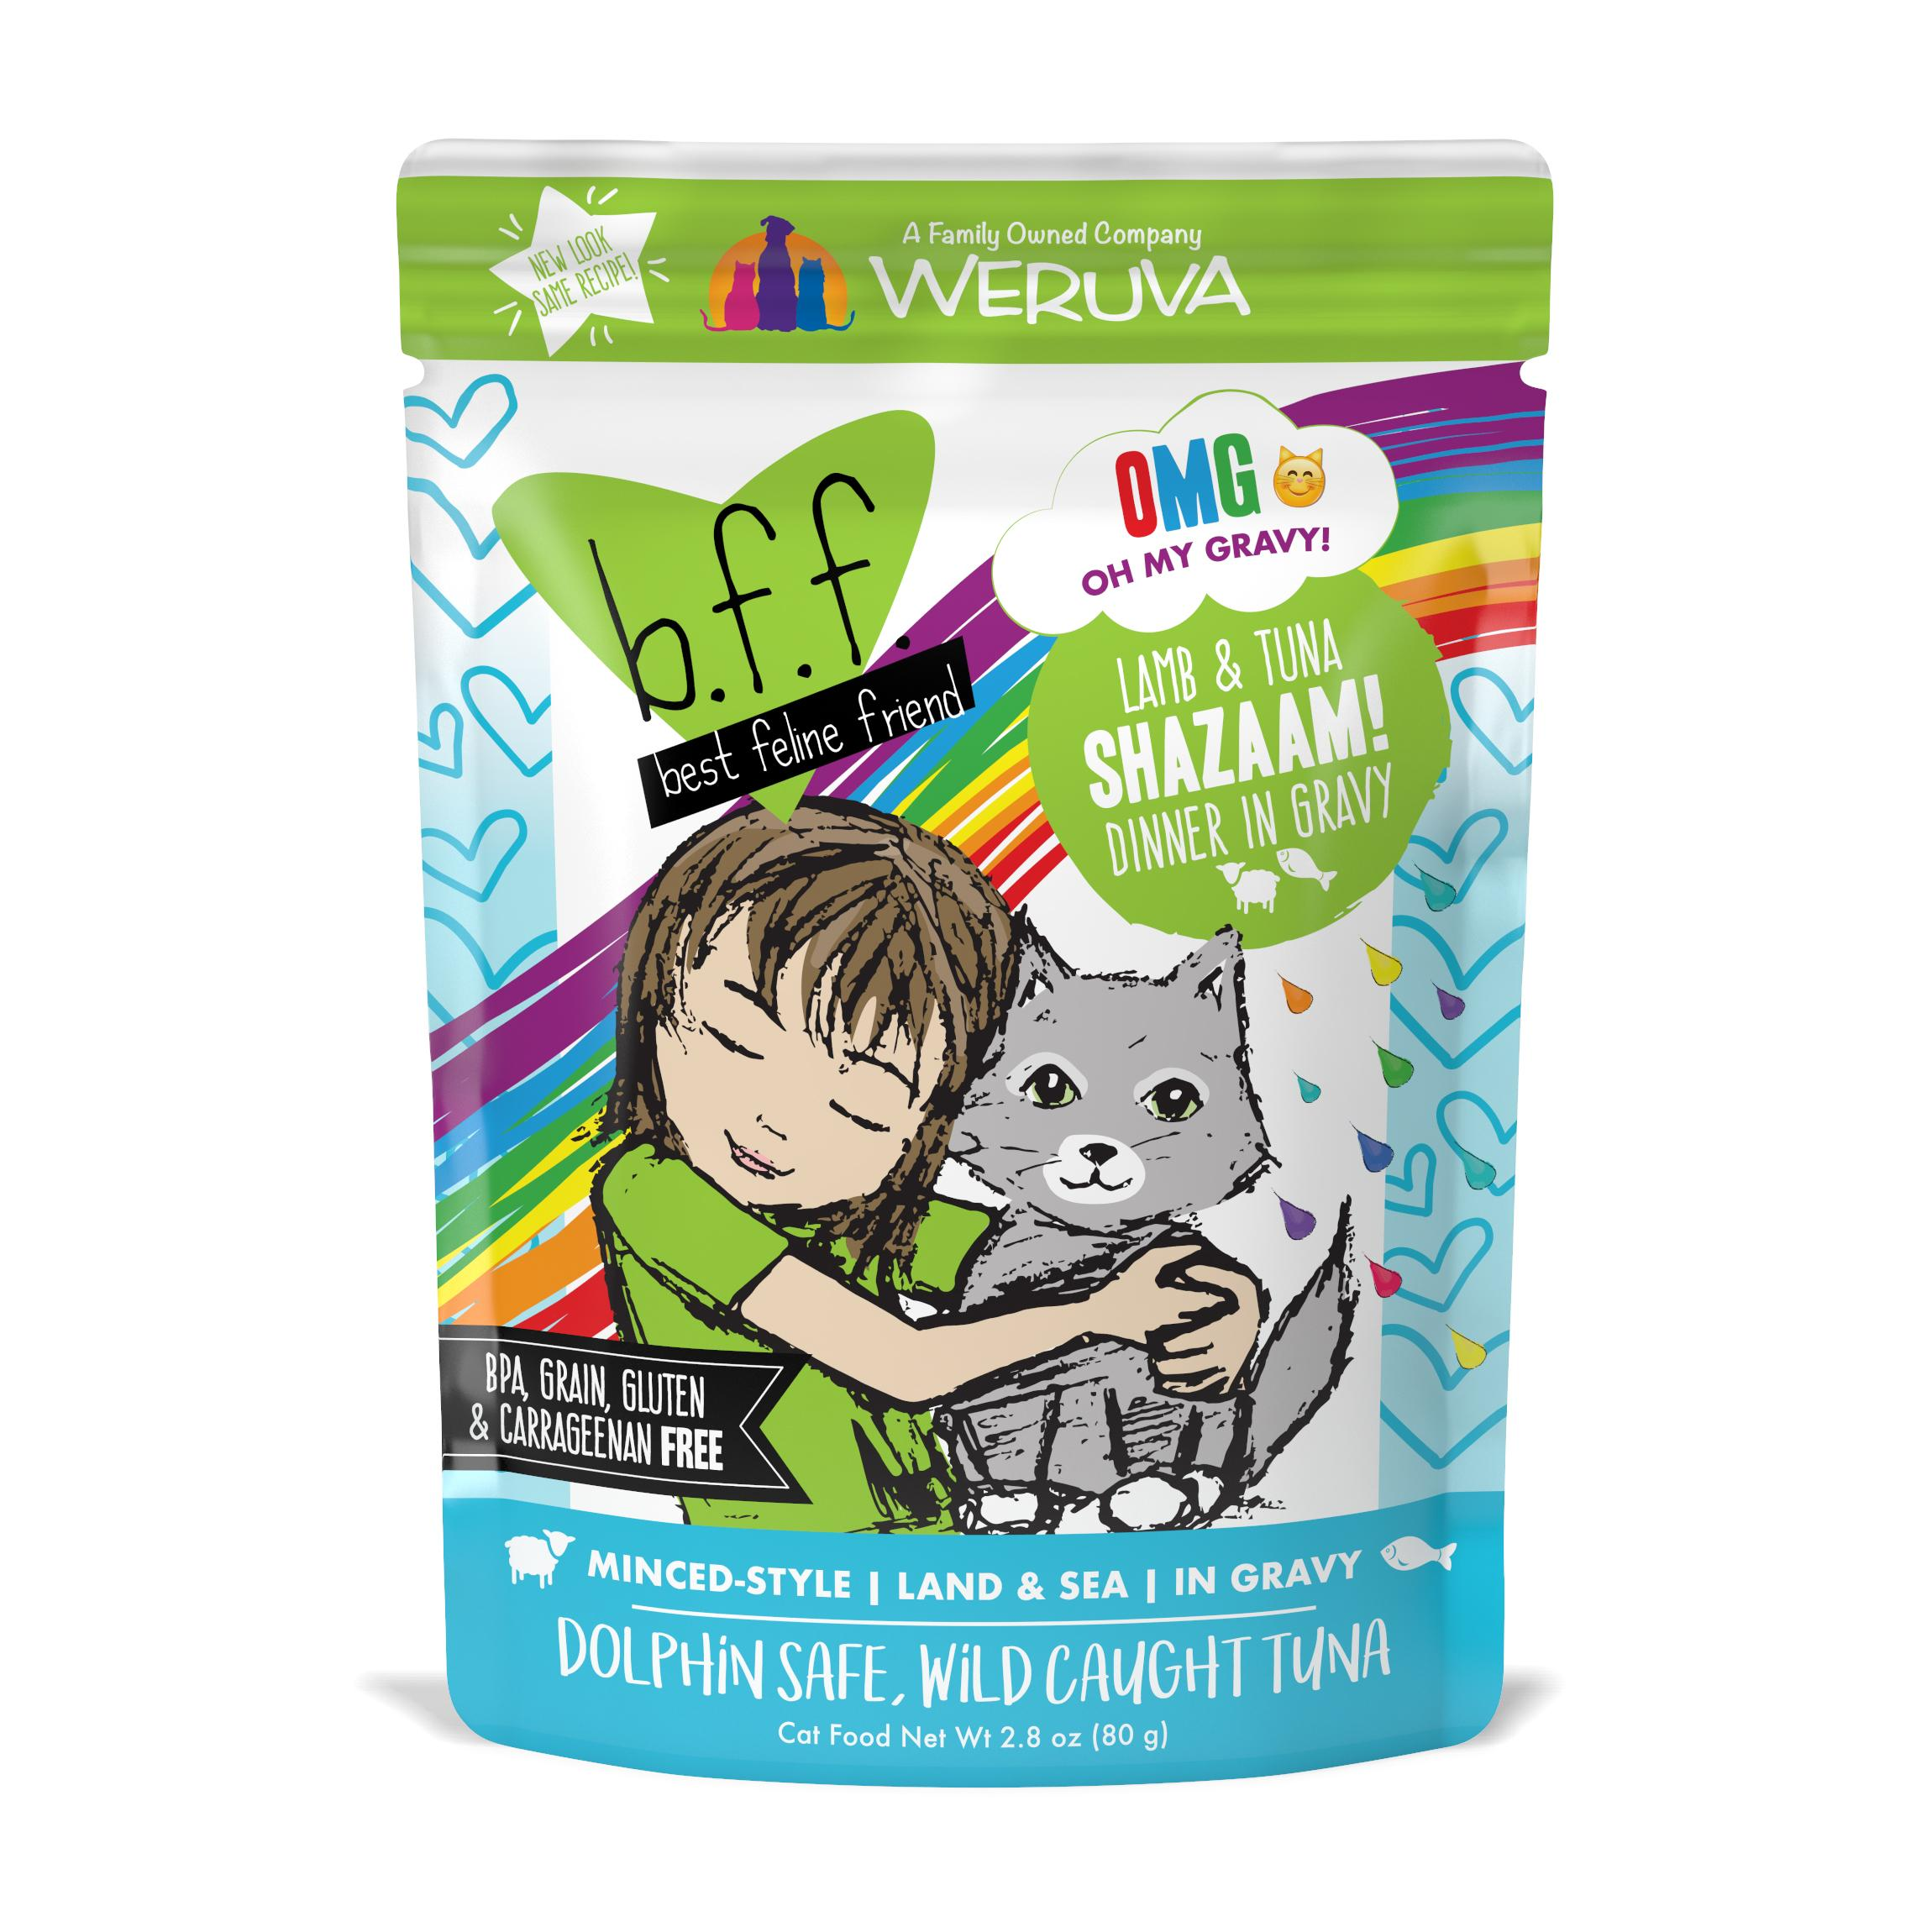 BFF Oh My Gravy! Shazaam! Lamb & Tuna Dinner in Gravy Grain-Free Wet Cat Food Image